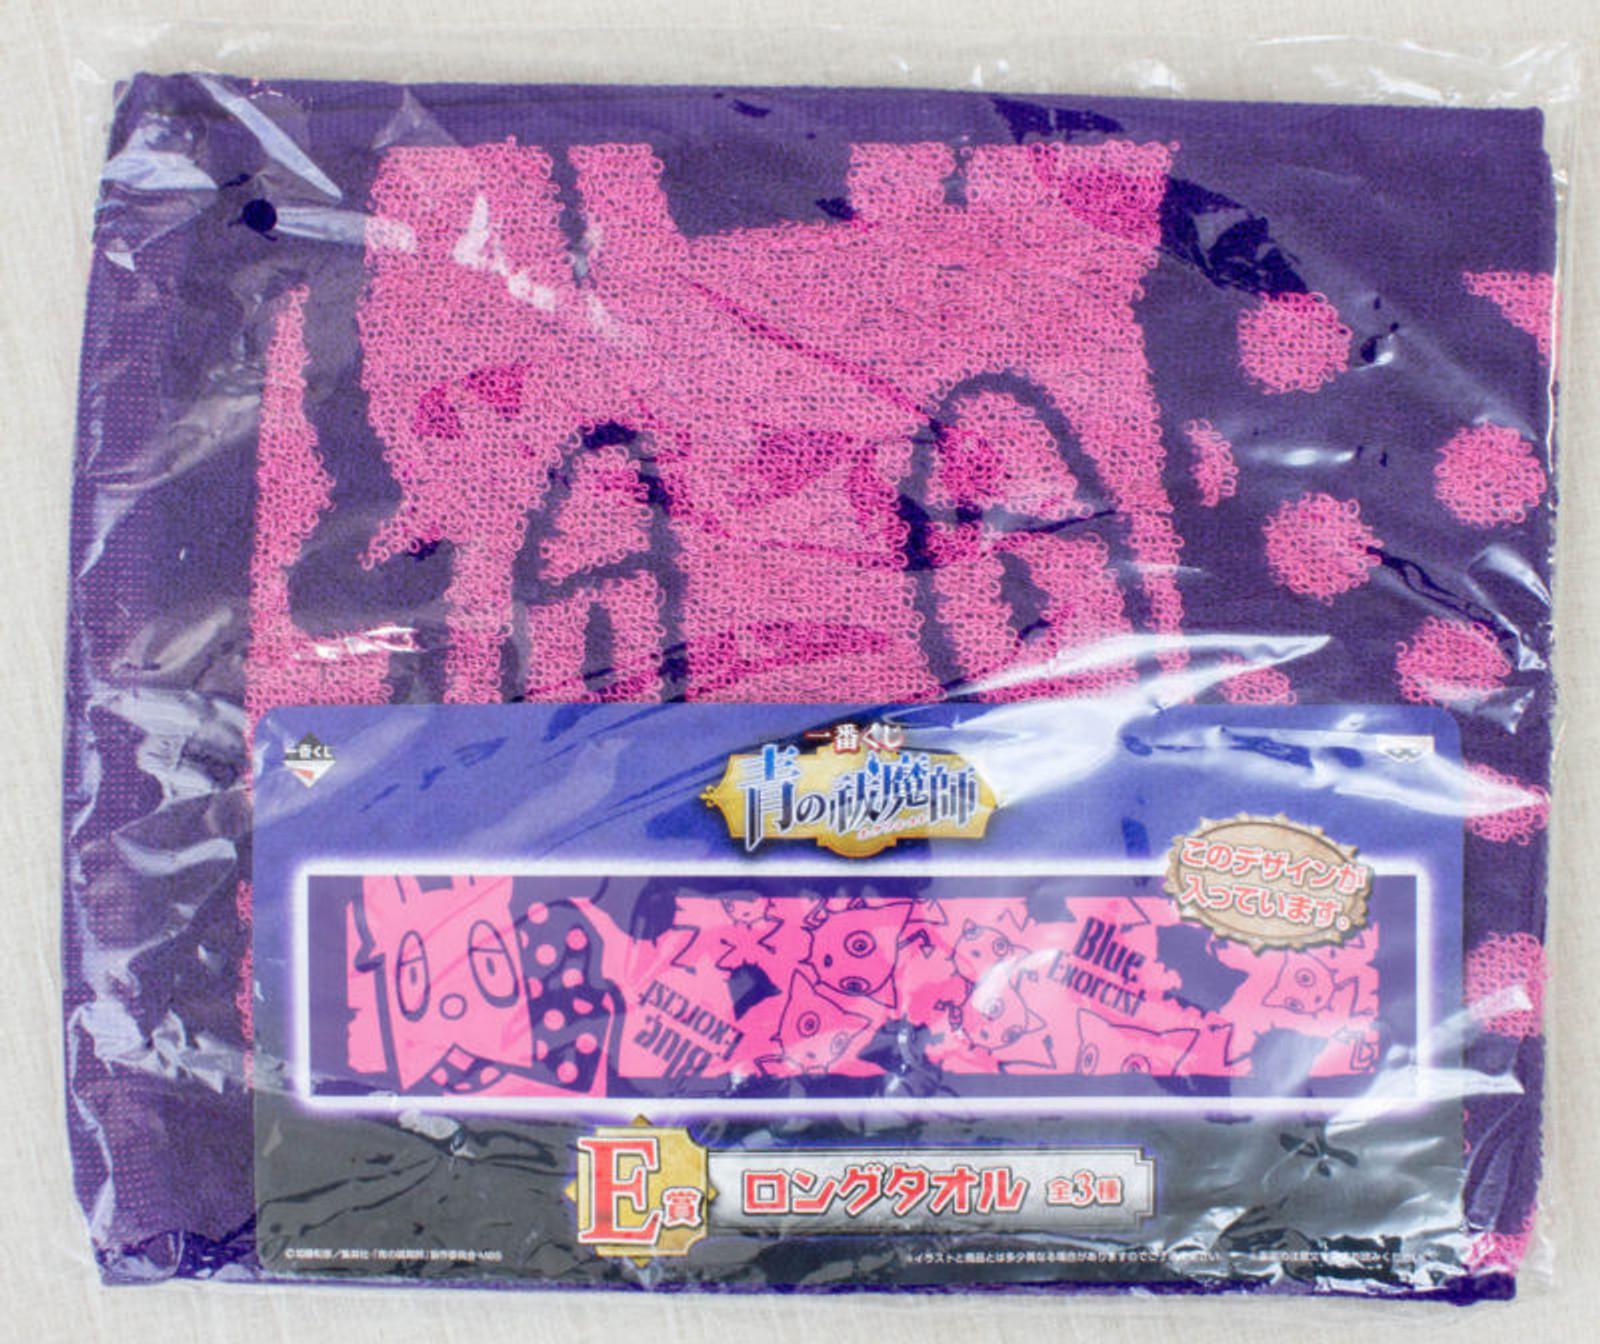 Blue Exorcist Mephisto Dog Long Towel 90x20cm Banoresto JAPAN ANIME JUMP